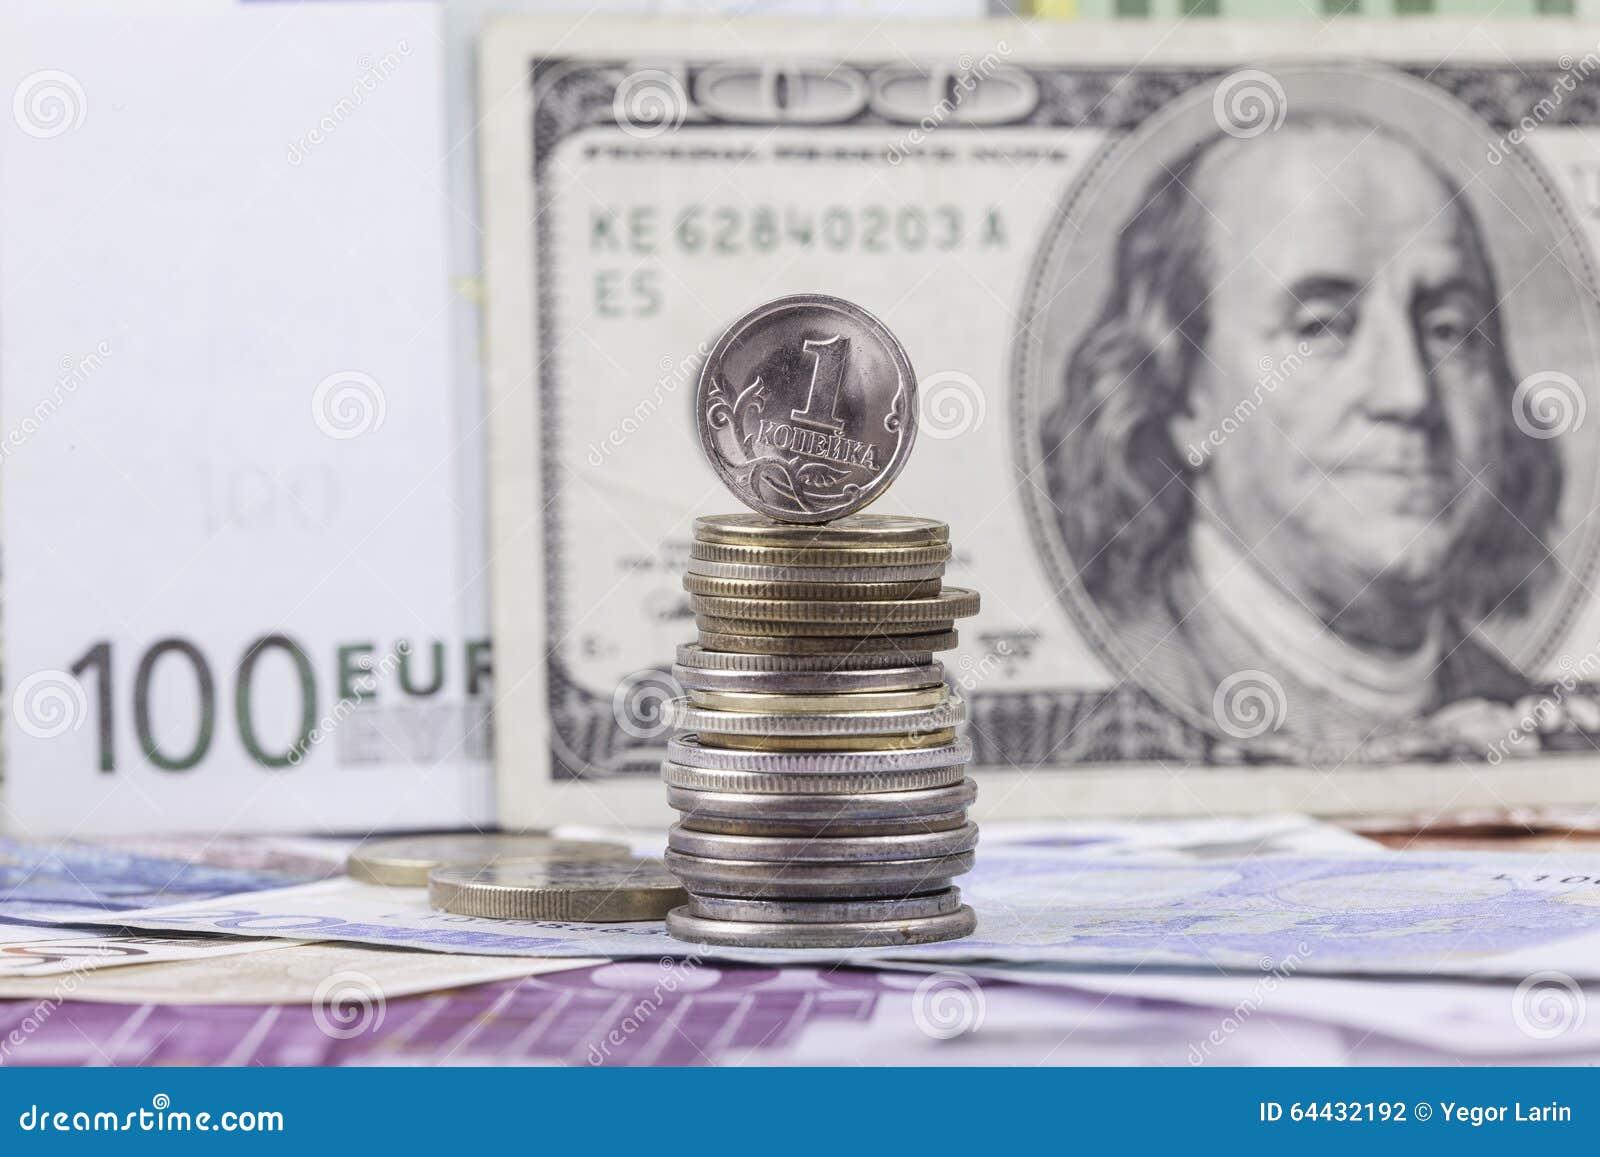 Rysk myntkopeck på bakgrunden av sedeldollareuro